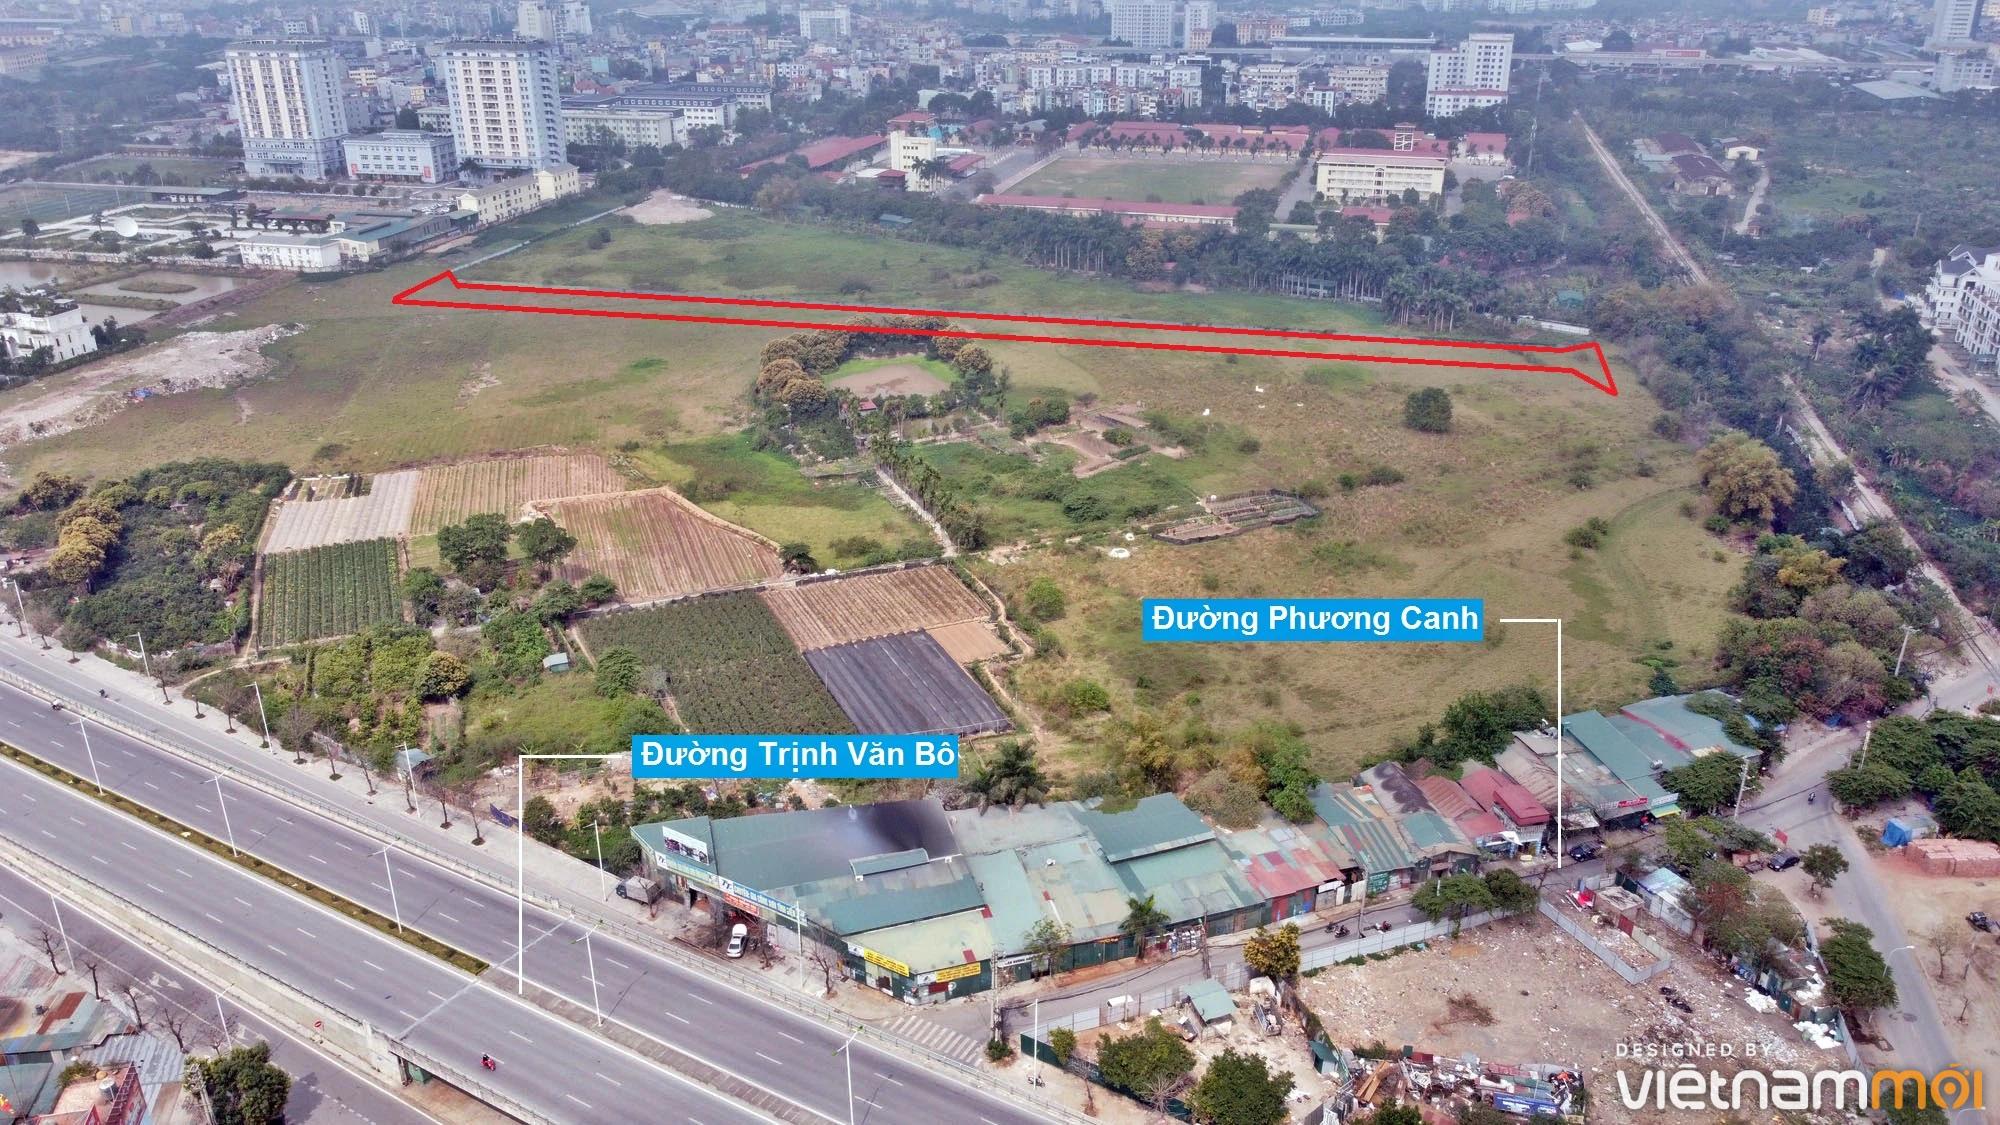 Những khu đất sắp thu hồi để mở đường ở phường Phương Canh, Nam Từ Liêm, Hà Nội (phần 3) - Ảnh 6.